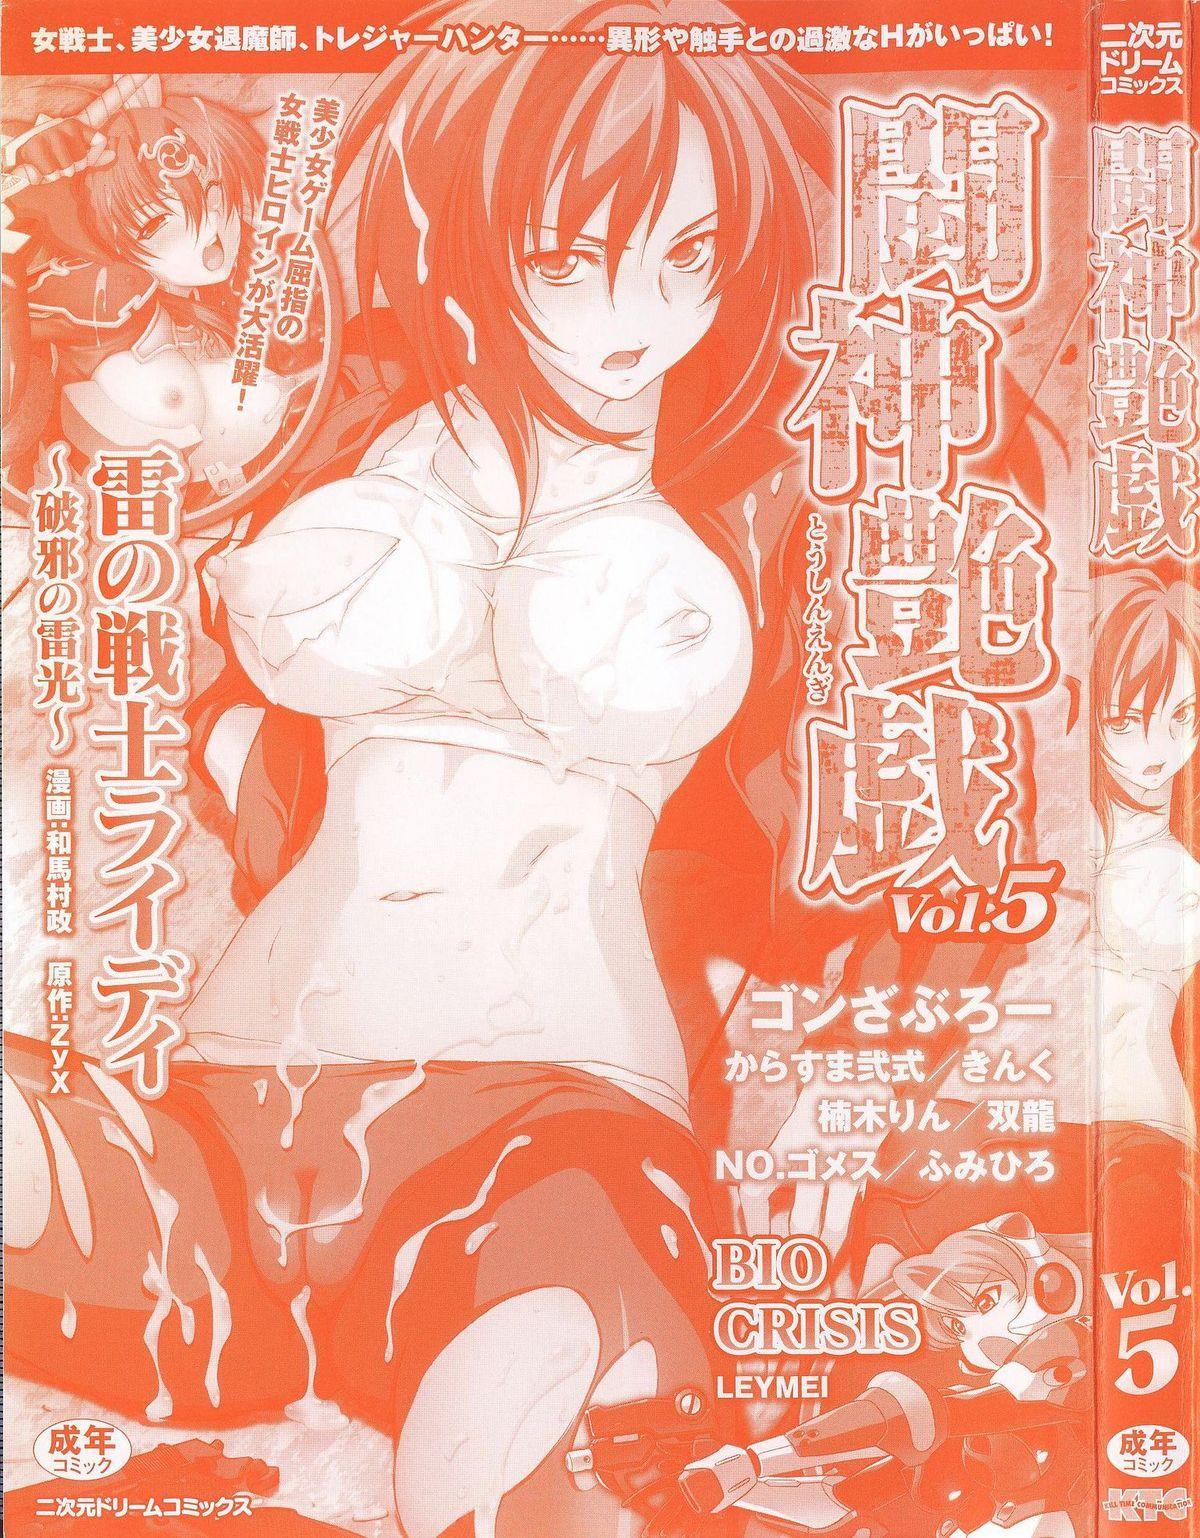 Toushin Engi Vol. 5 2